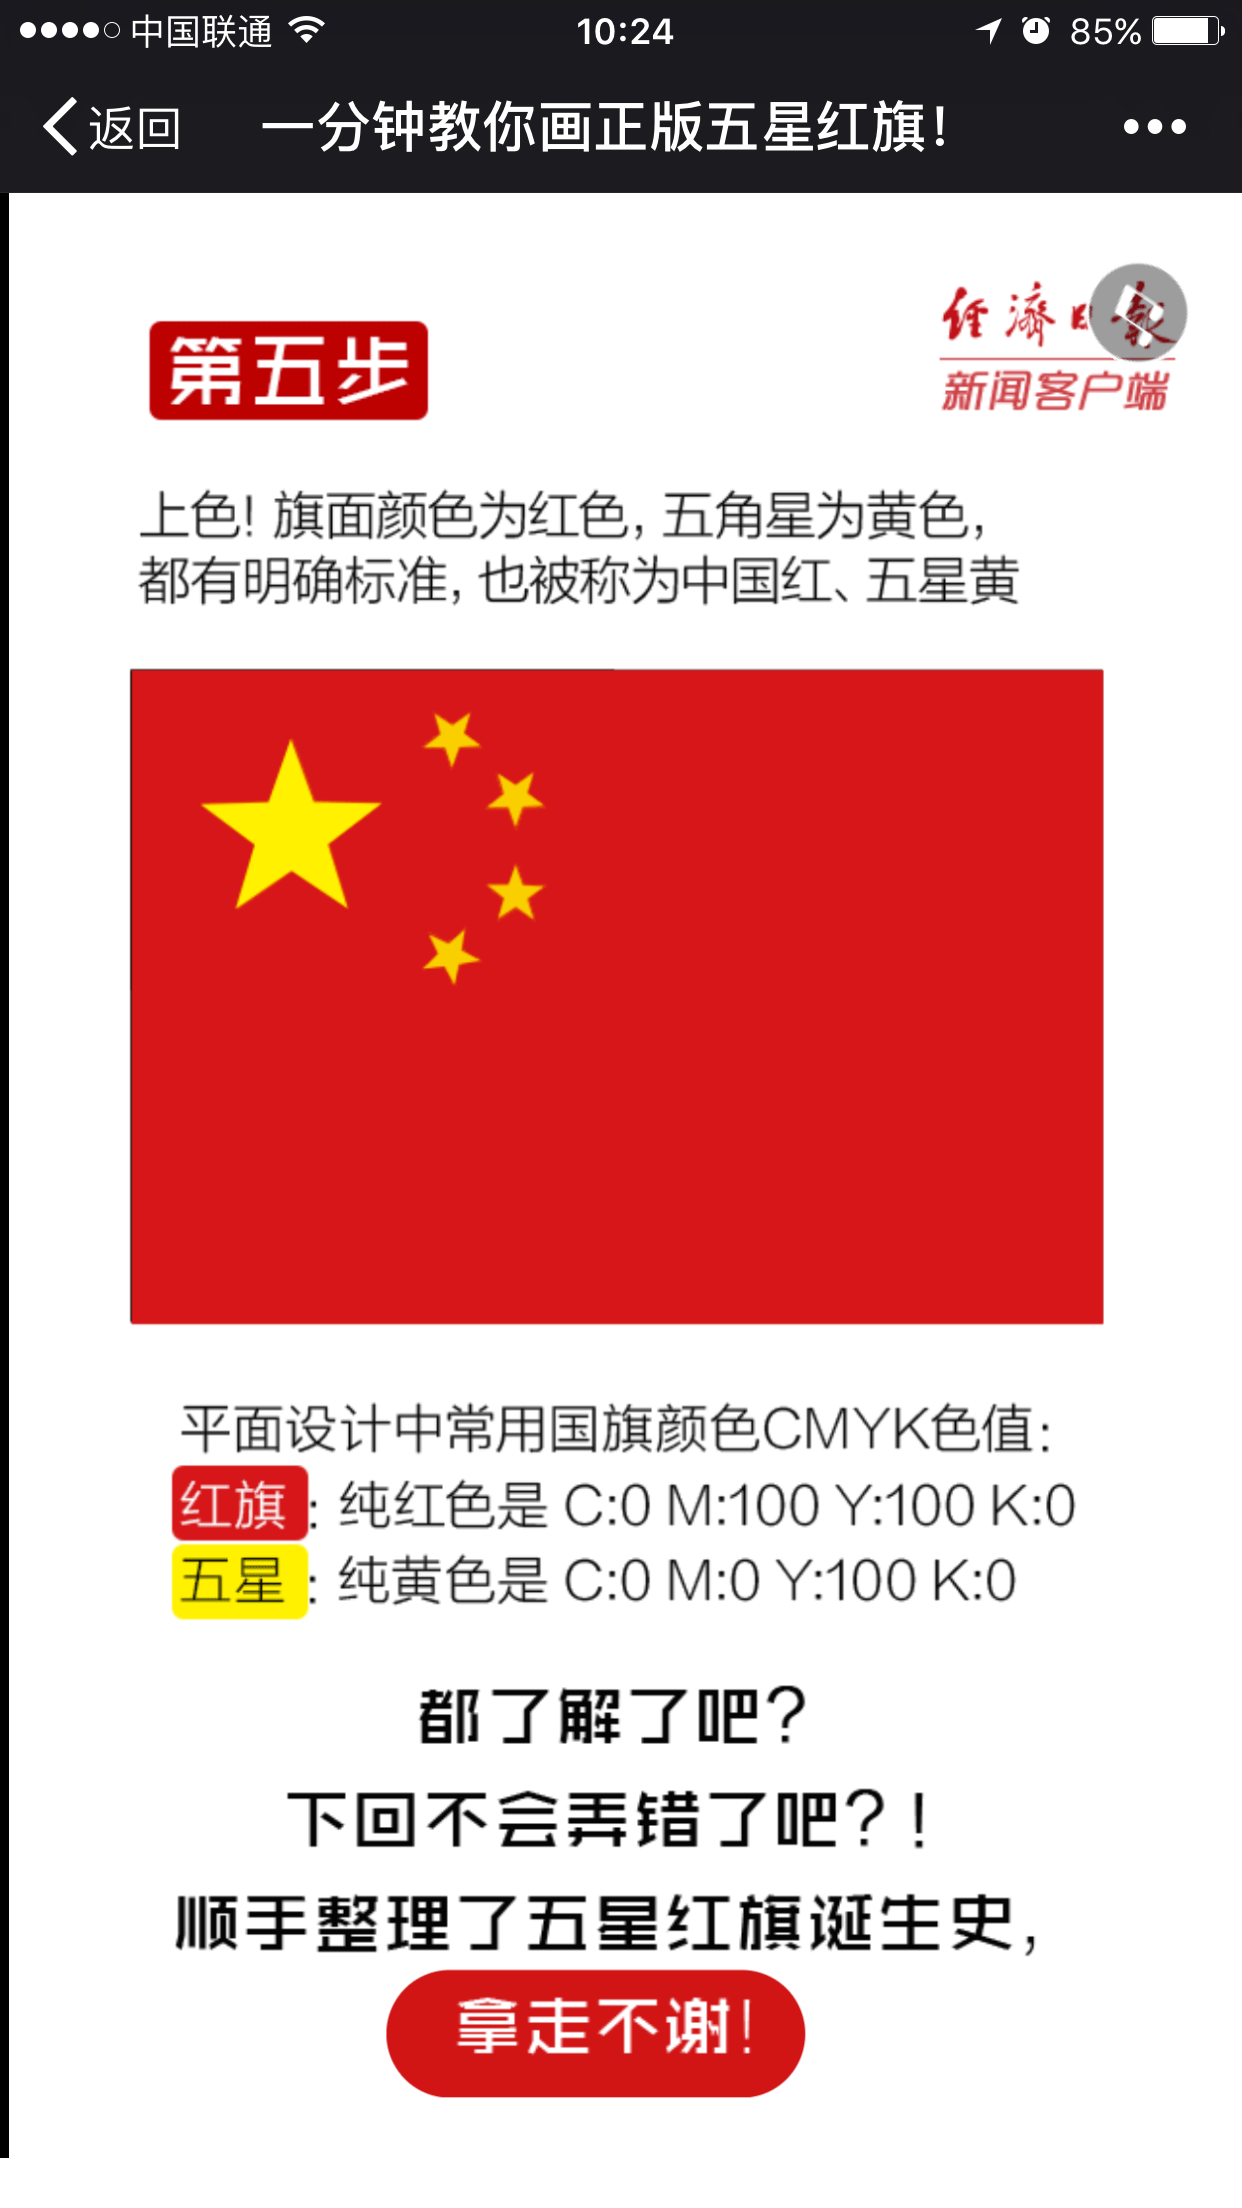 里约查清的中国漫画终于出错楚是谁v漫画的了!萌晴天娃娃国旗萌图片